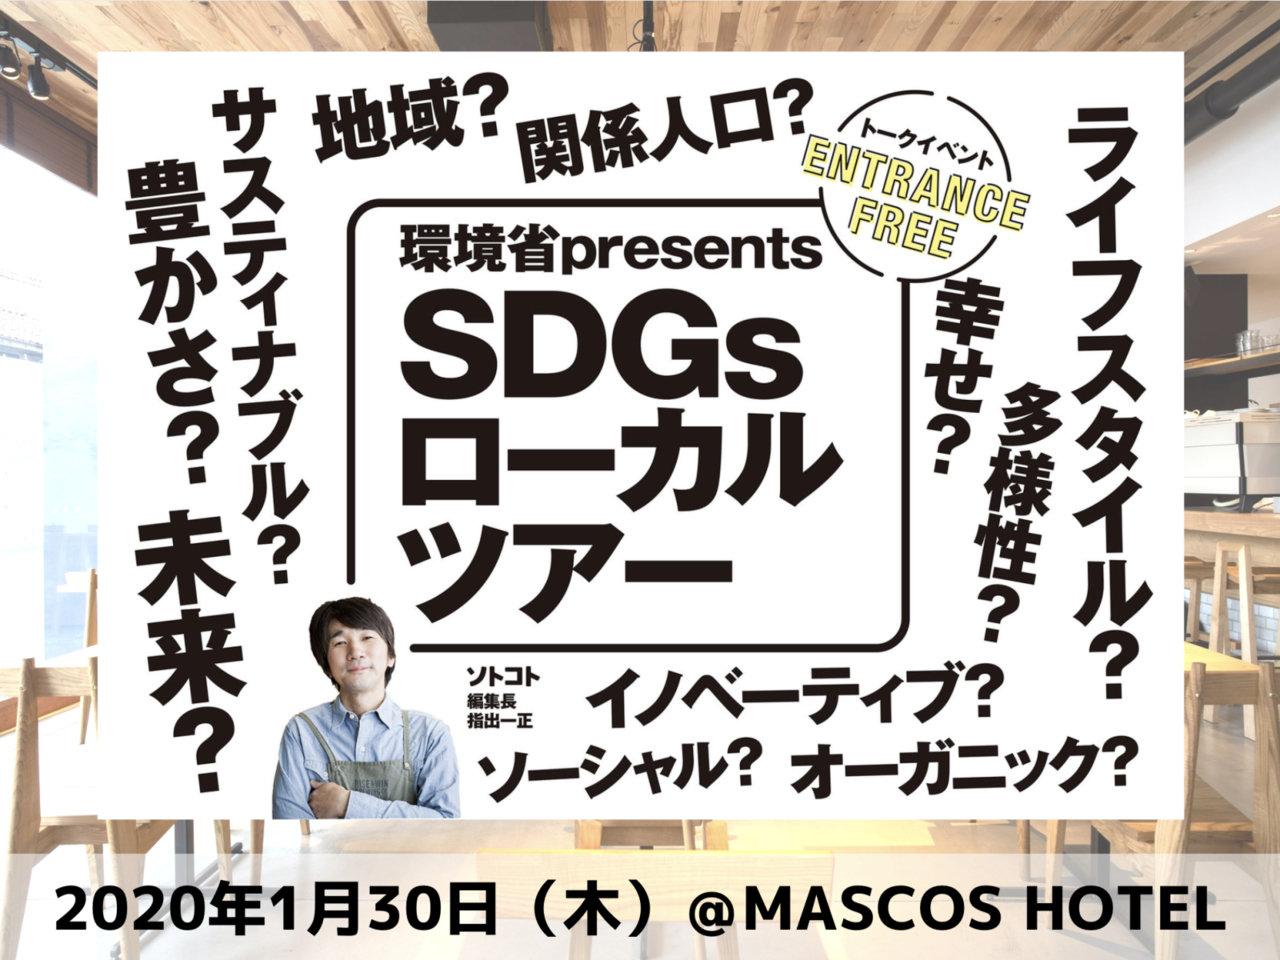 【満員御礼】1月30日(木)MASCOS